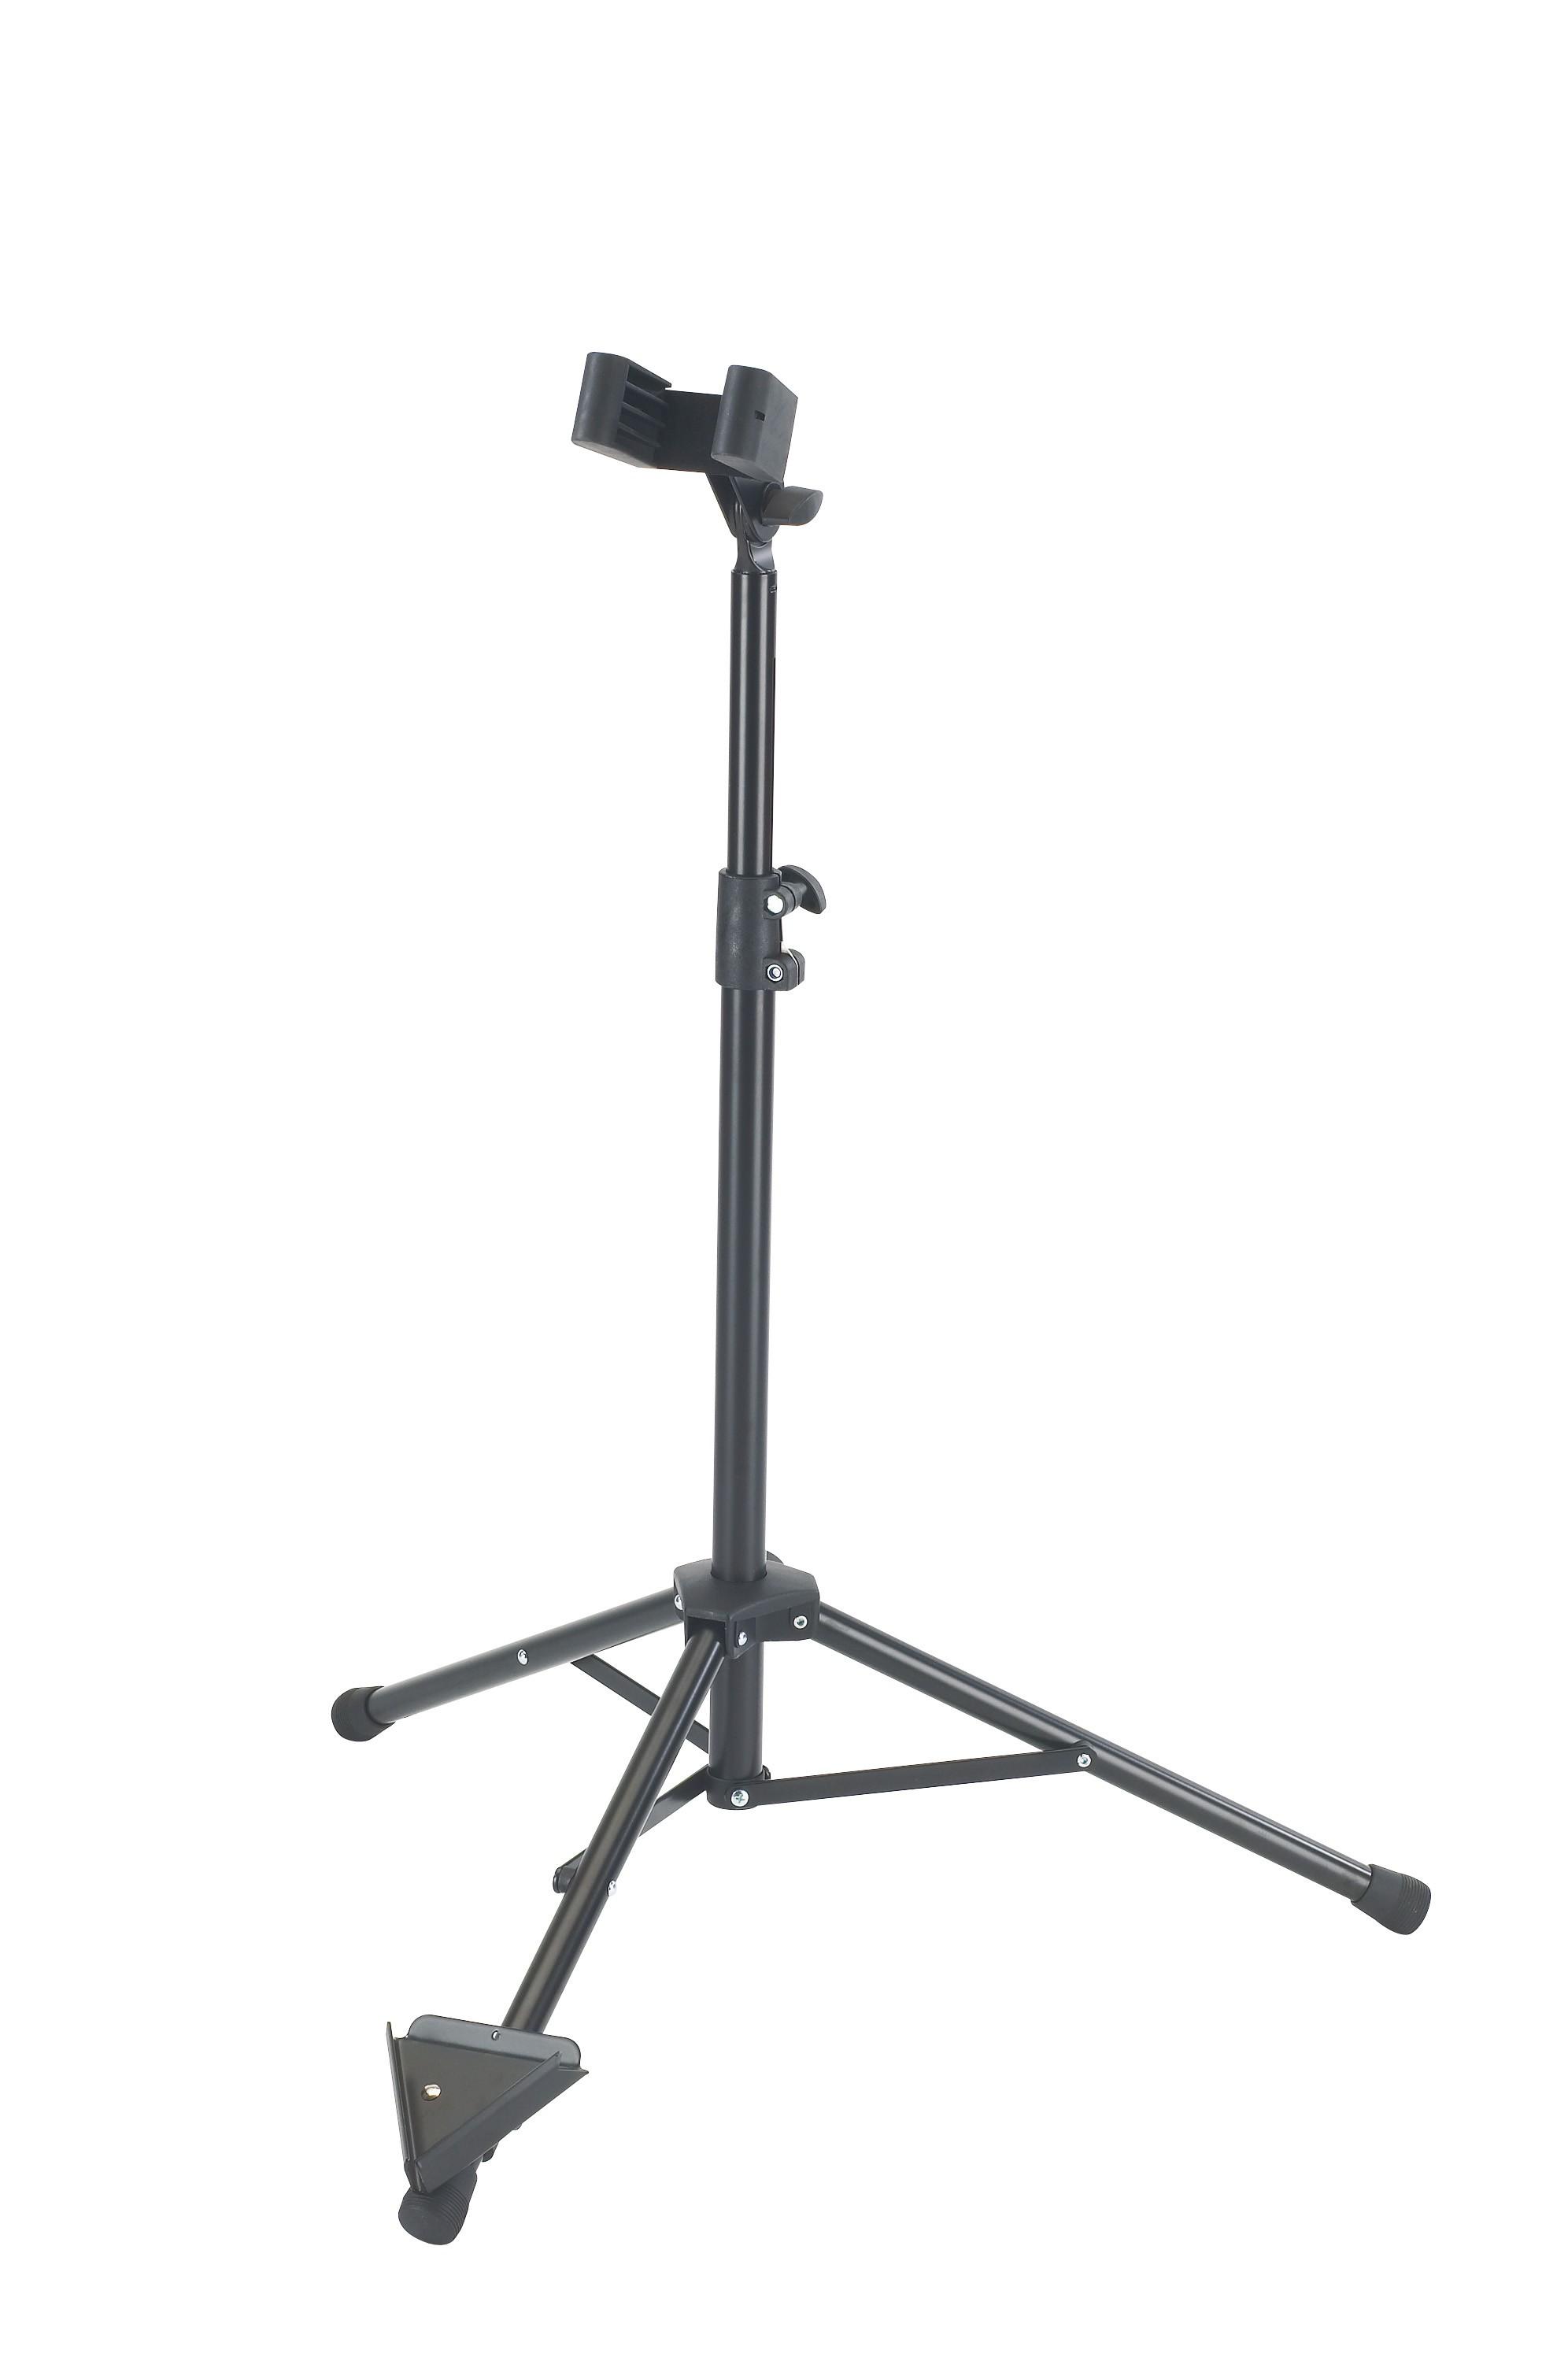 Konig & Meyer 15060 Bass Clarinet Stand